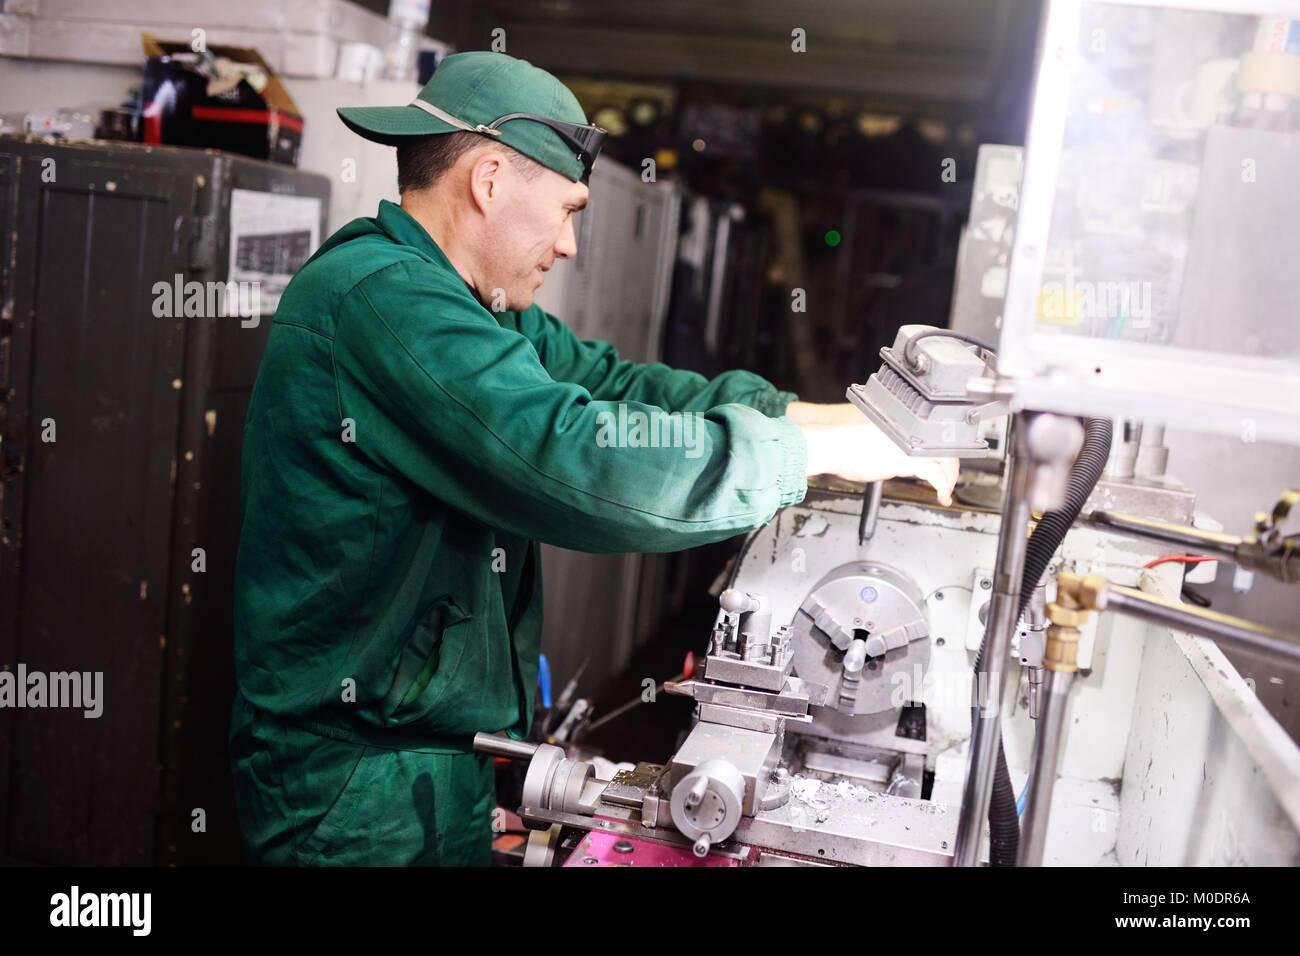 Mann bei der Arbeit in der Overalls Stockbild